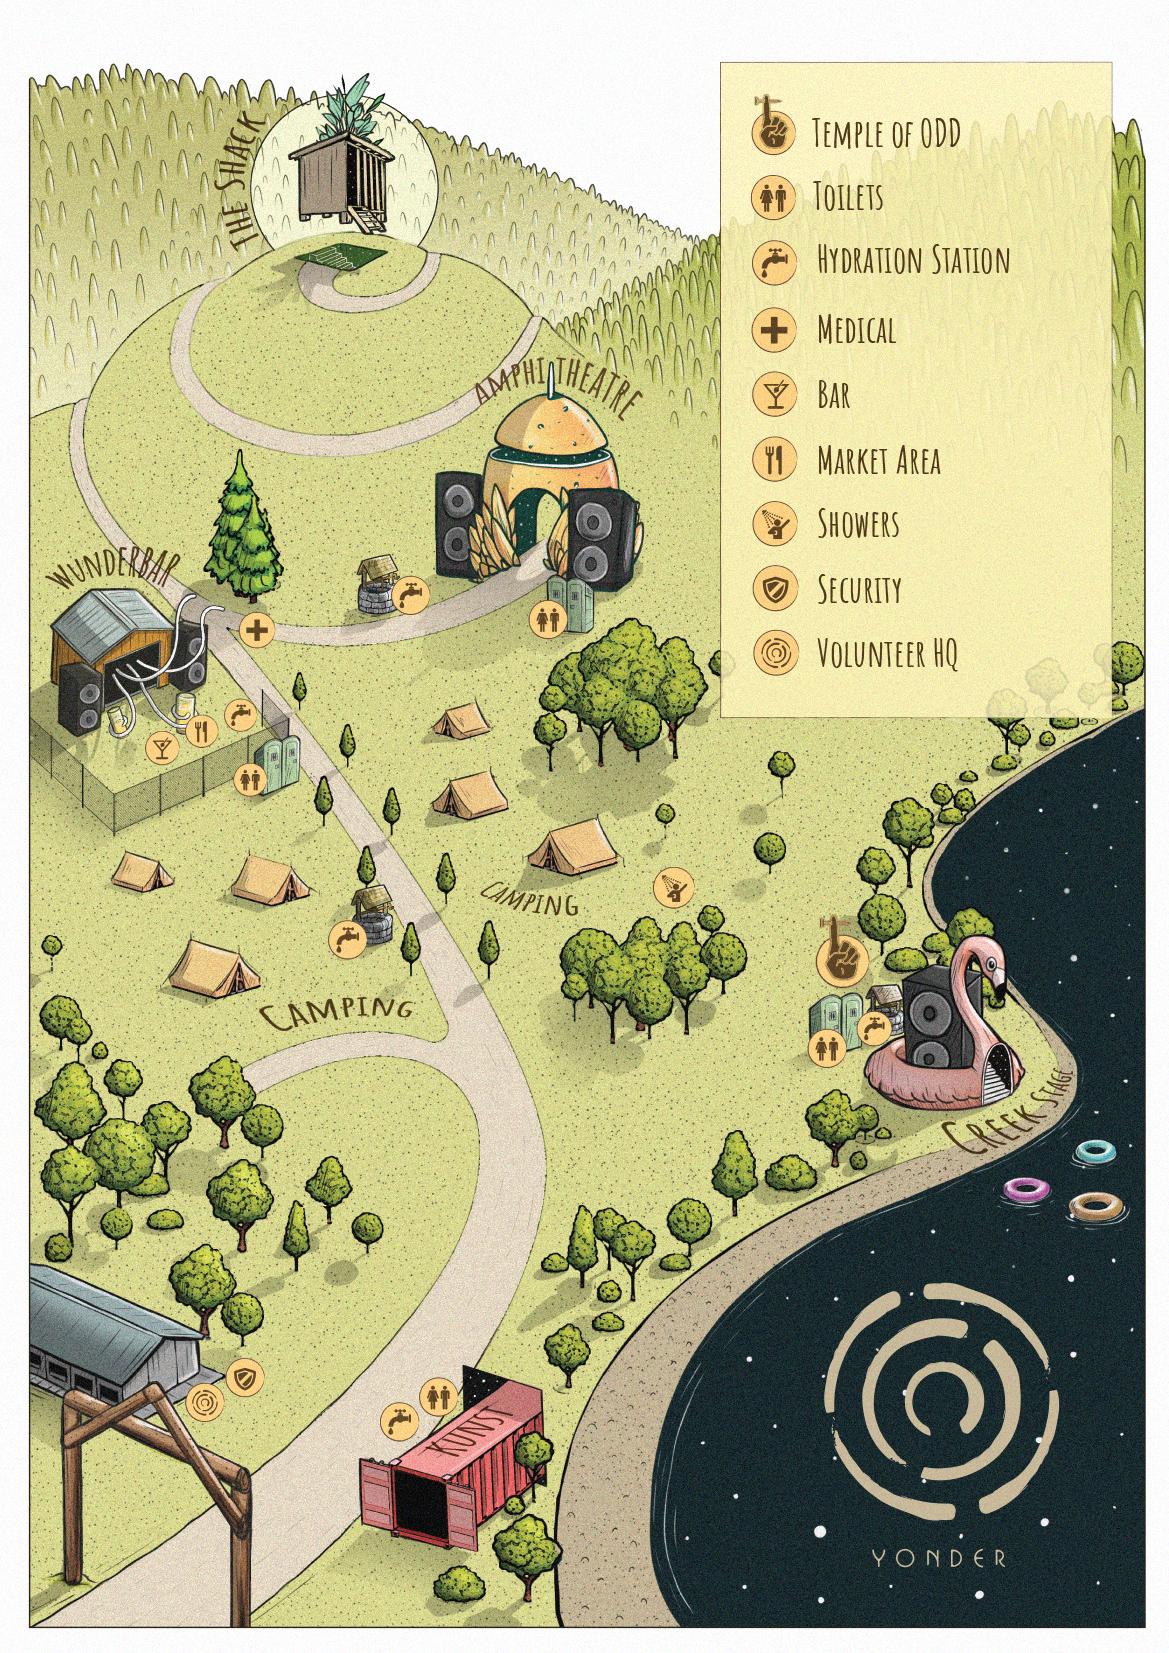 Yonder-Map_2019